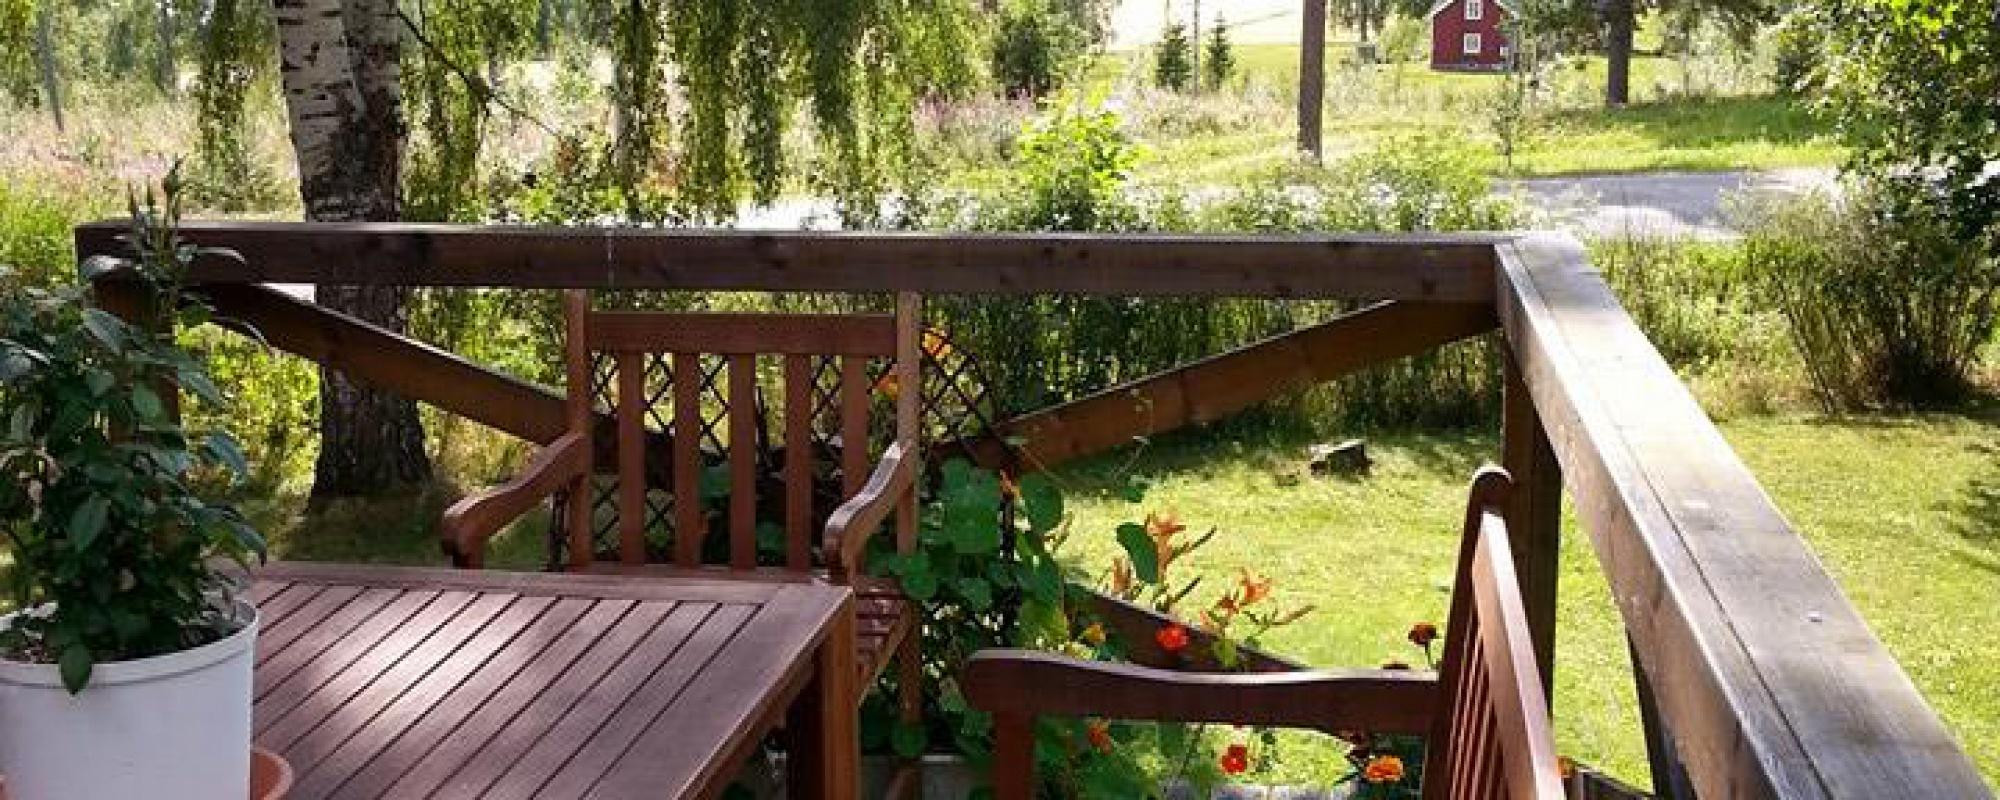 View from the veranda of the Villa Insight